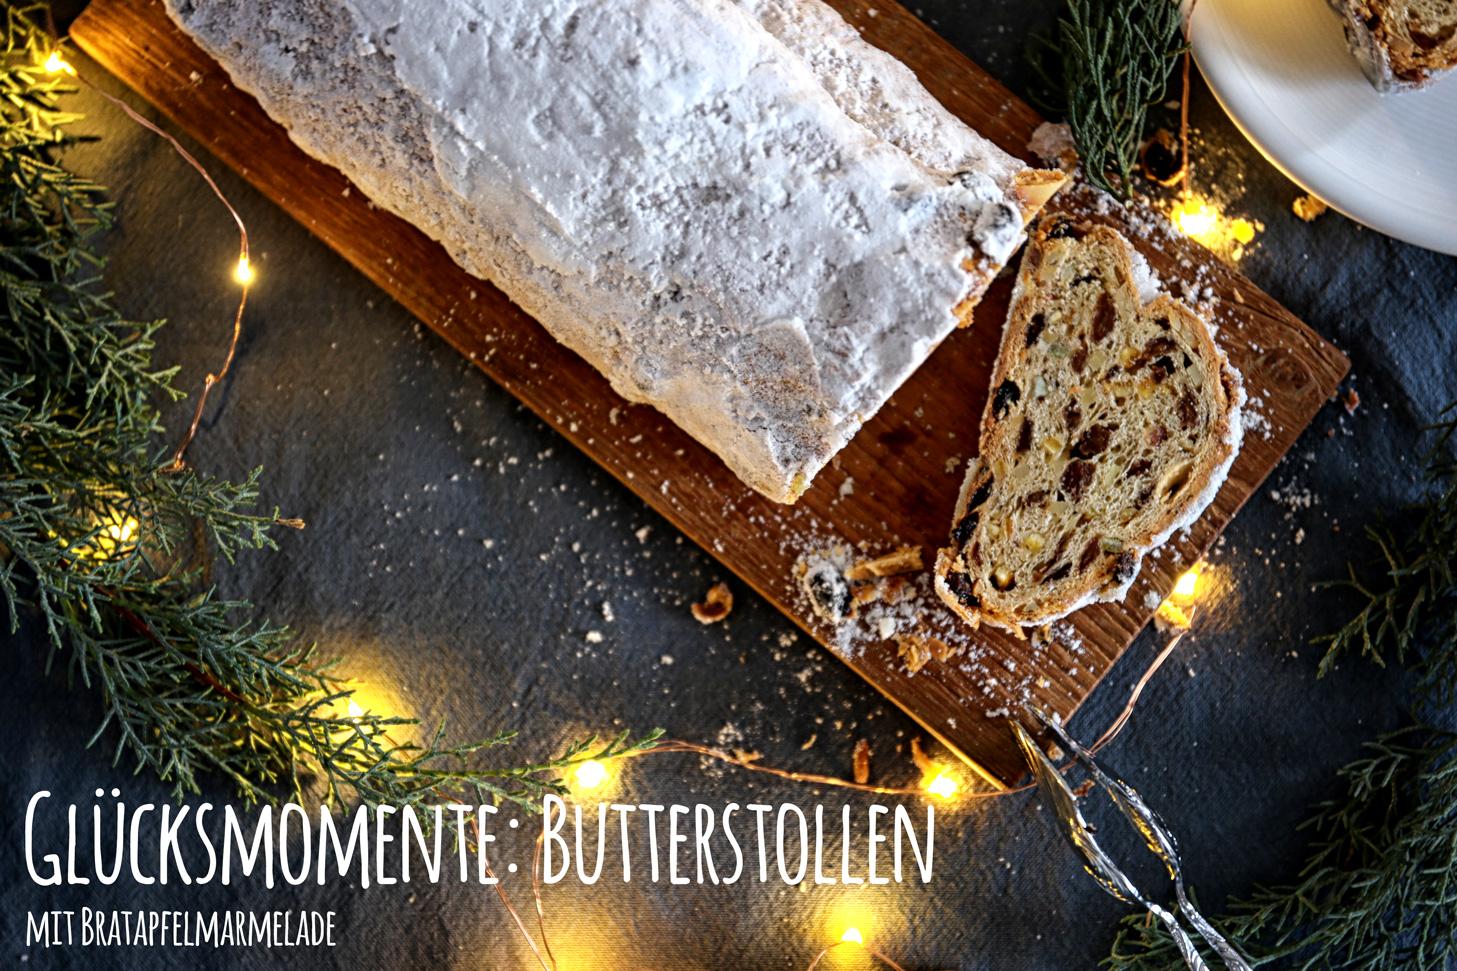 Butterstollen-Bäckerei-Döbbe